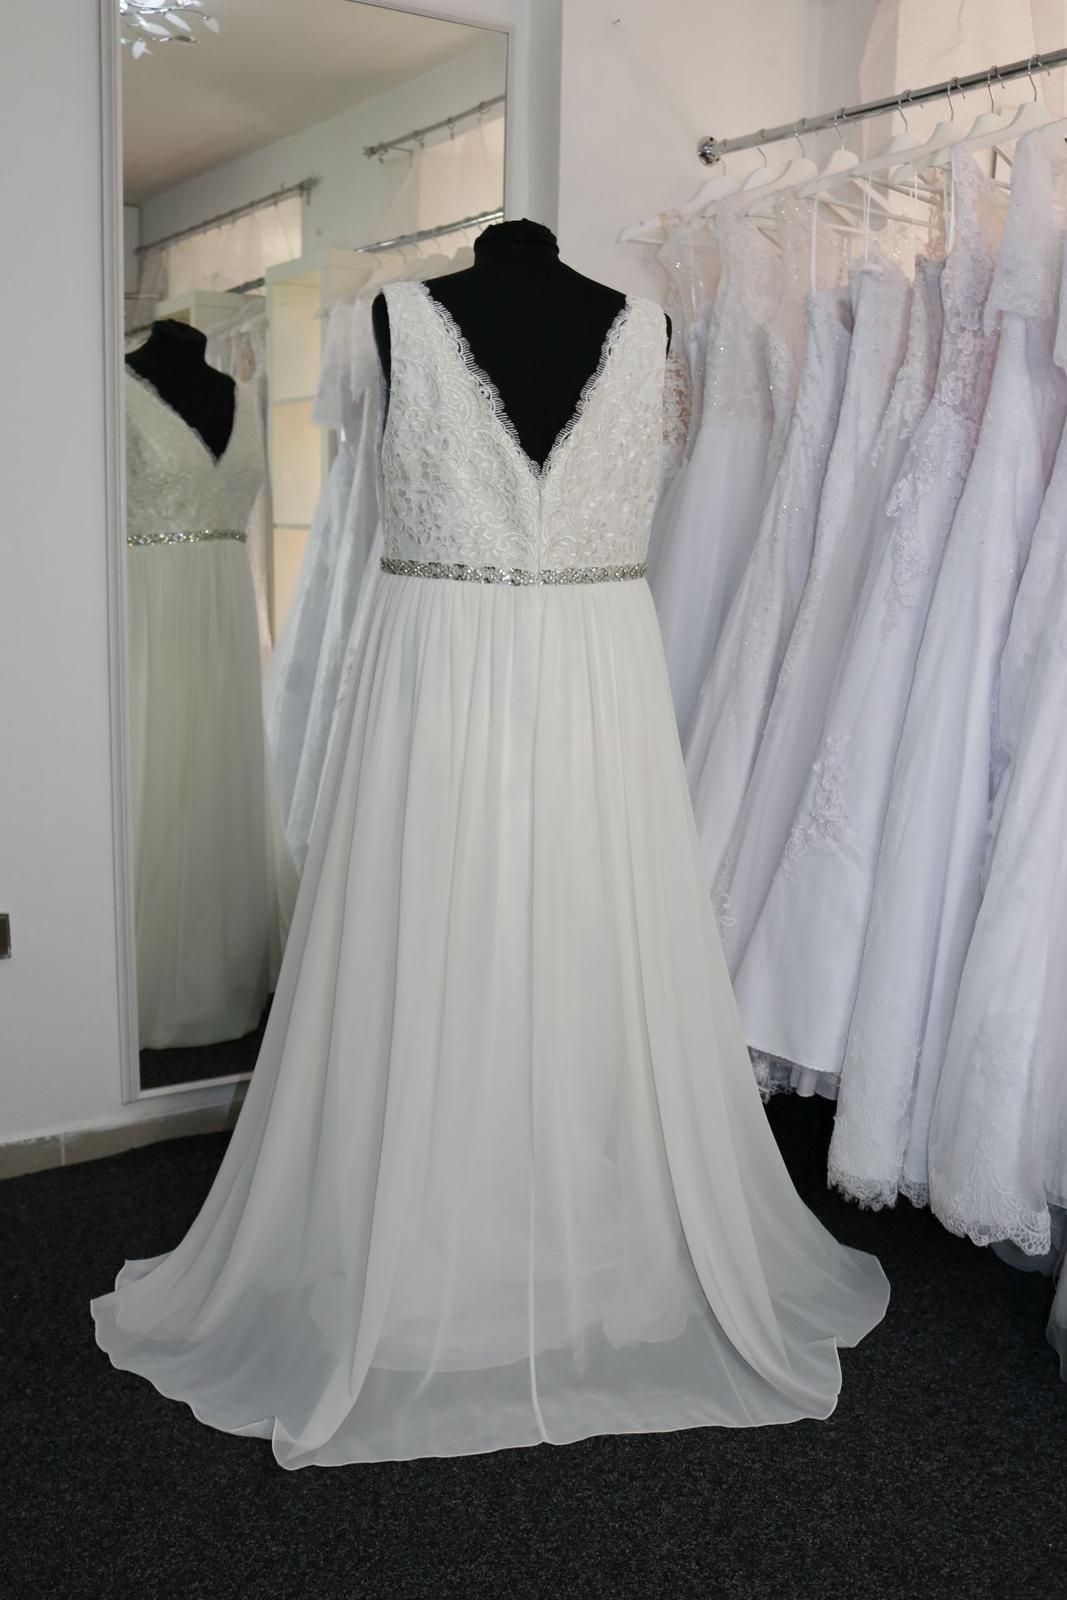 Nové svatební šaty boho vel. 48 - Obrázek č. 3